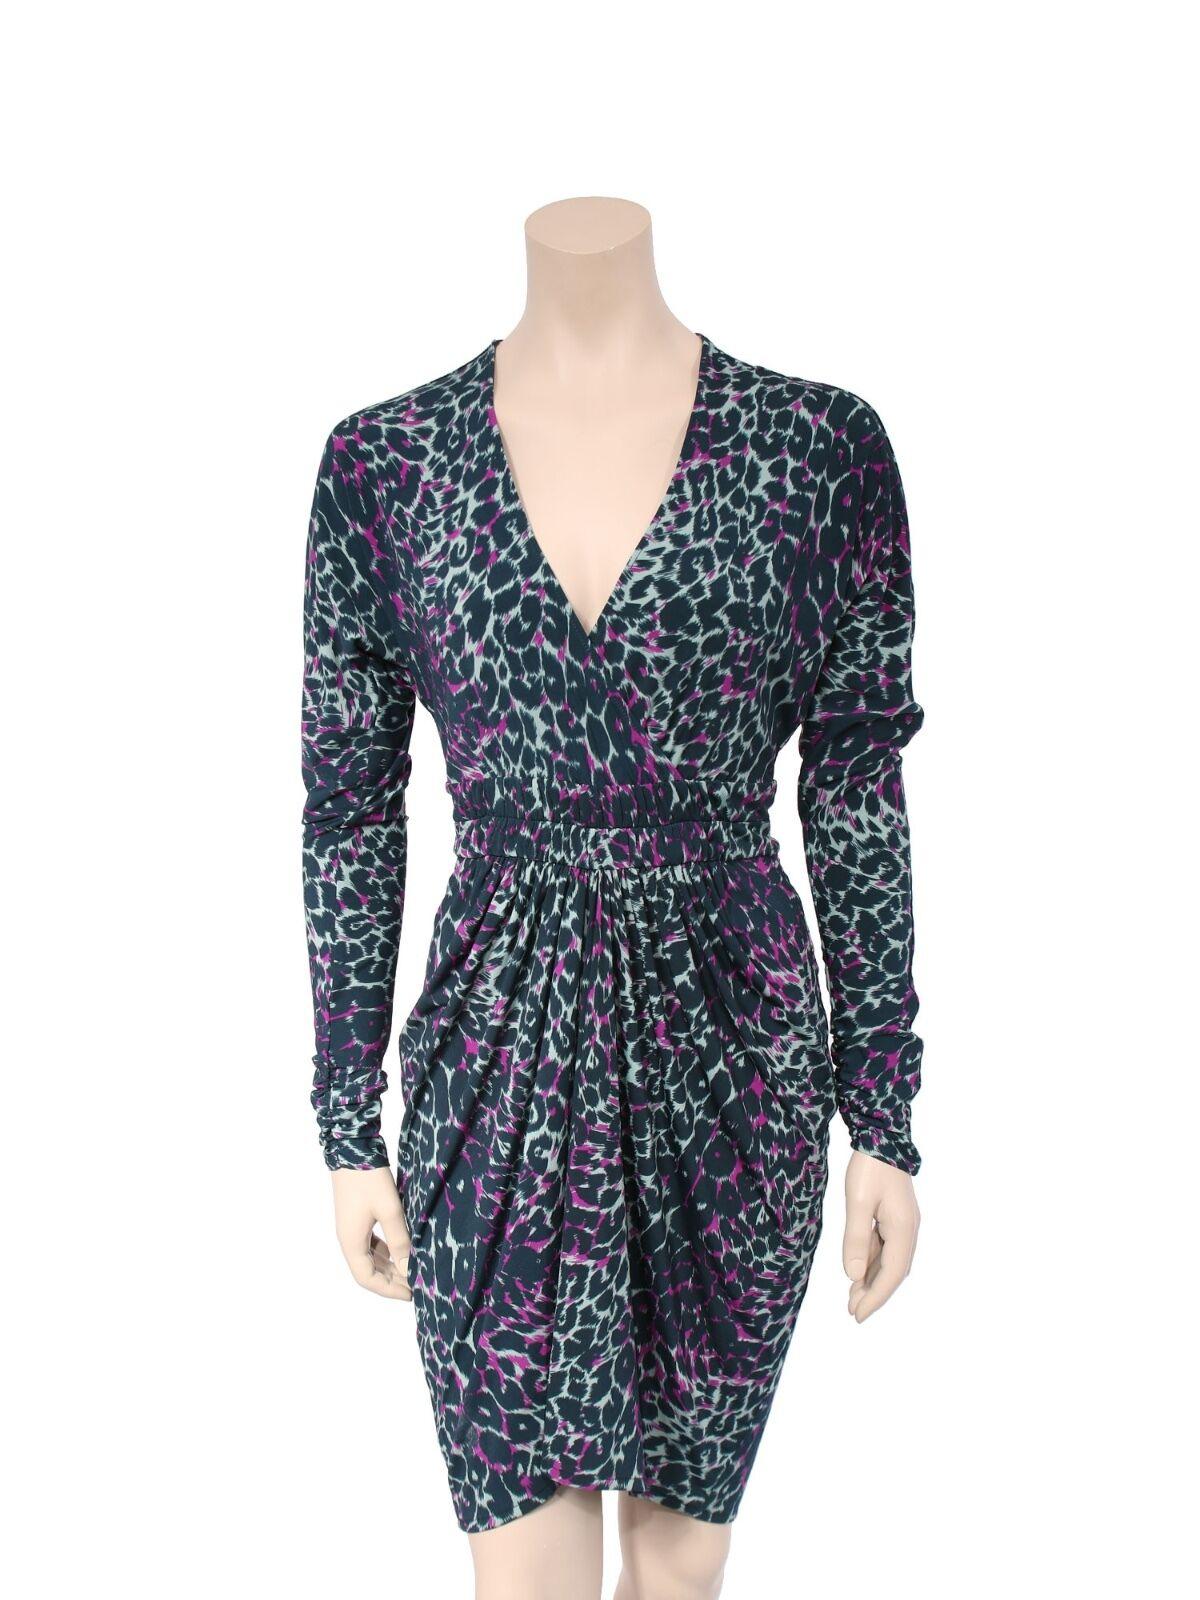 BCBG MAXAZRIA Leopard Jersey Dress (SIZE S)